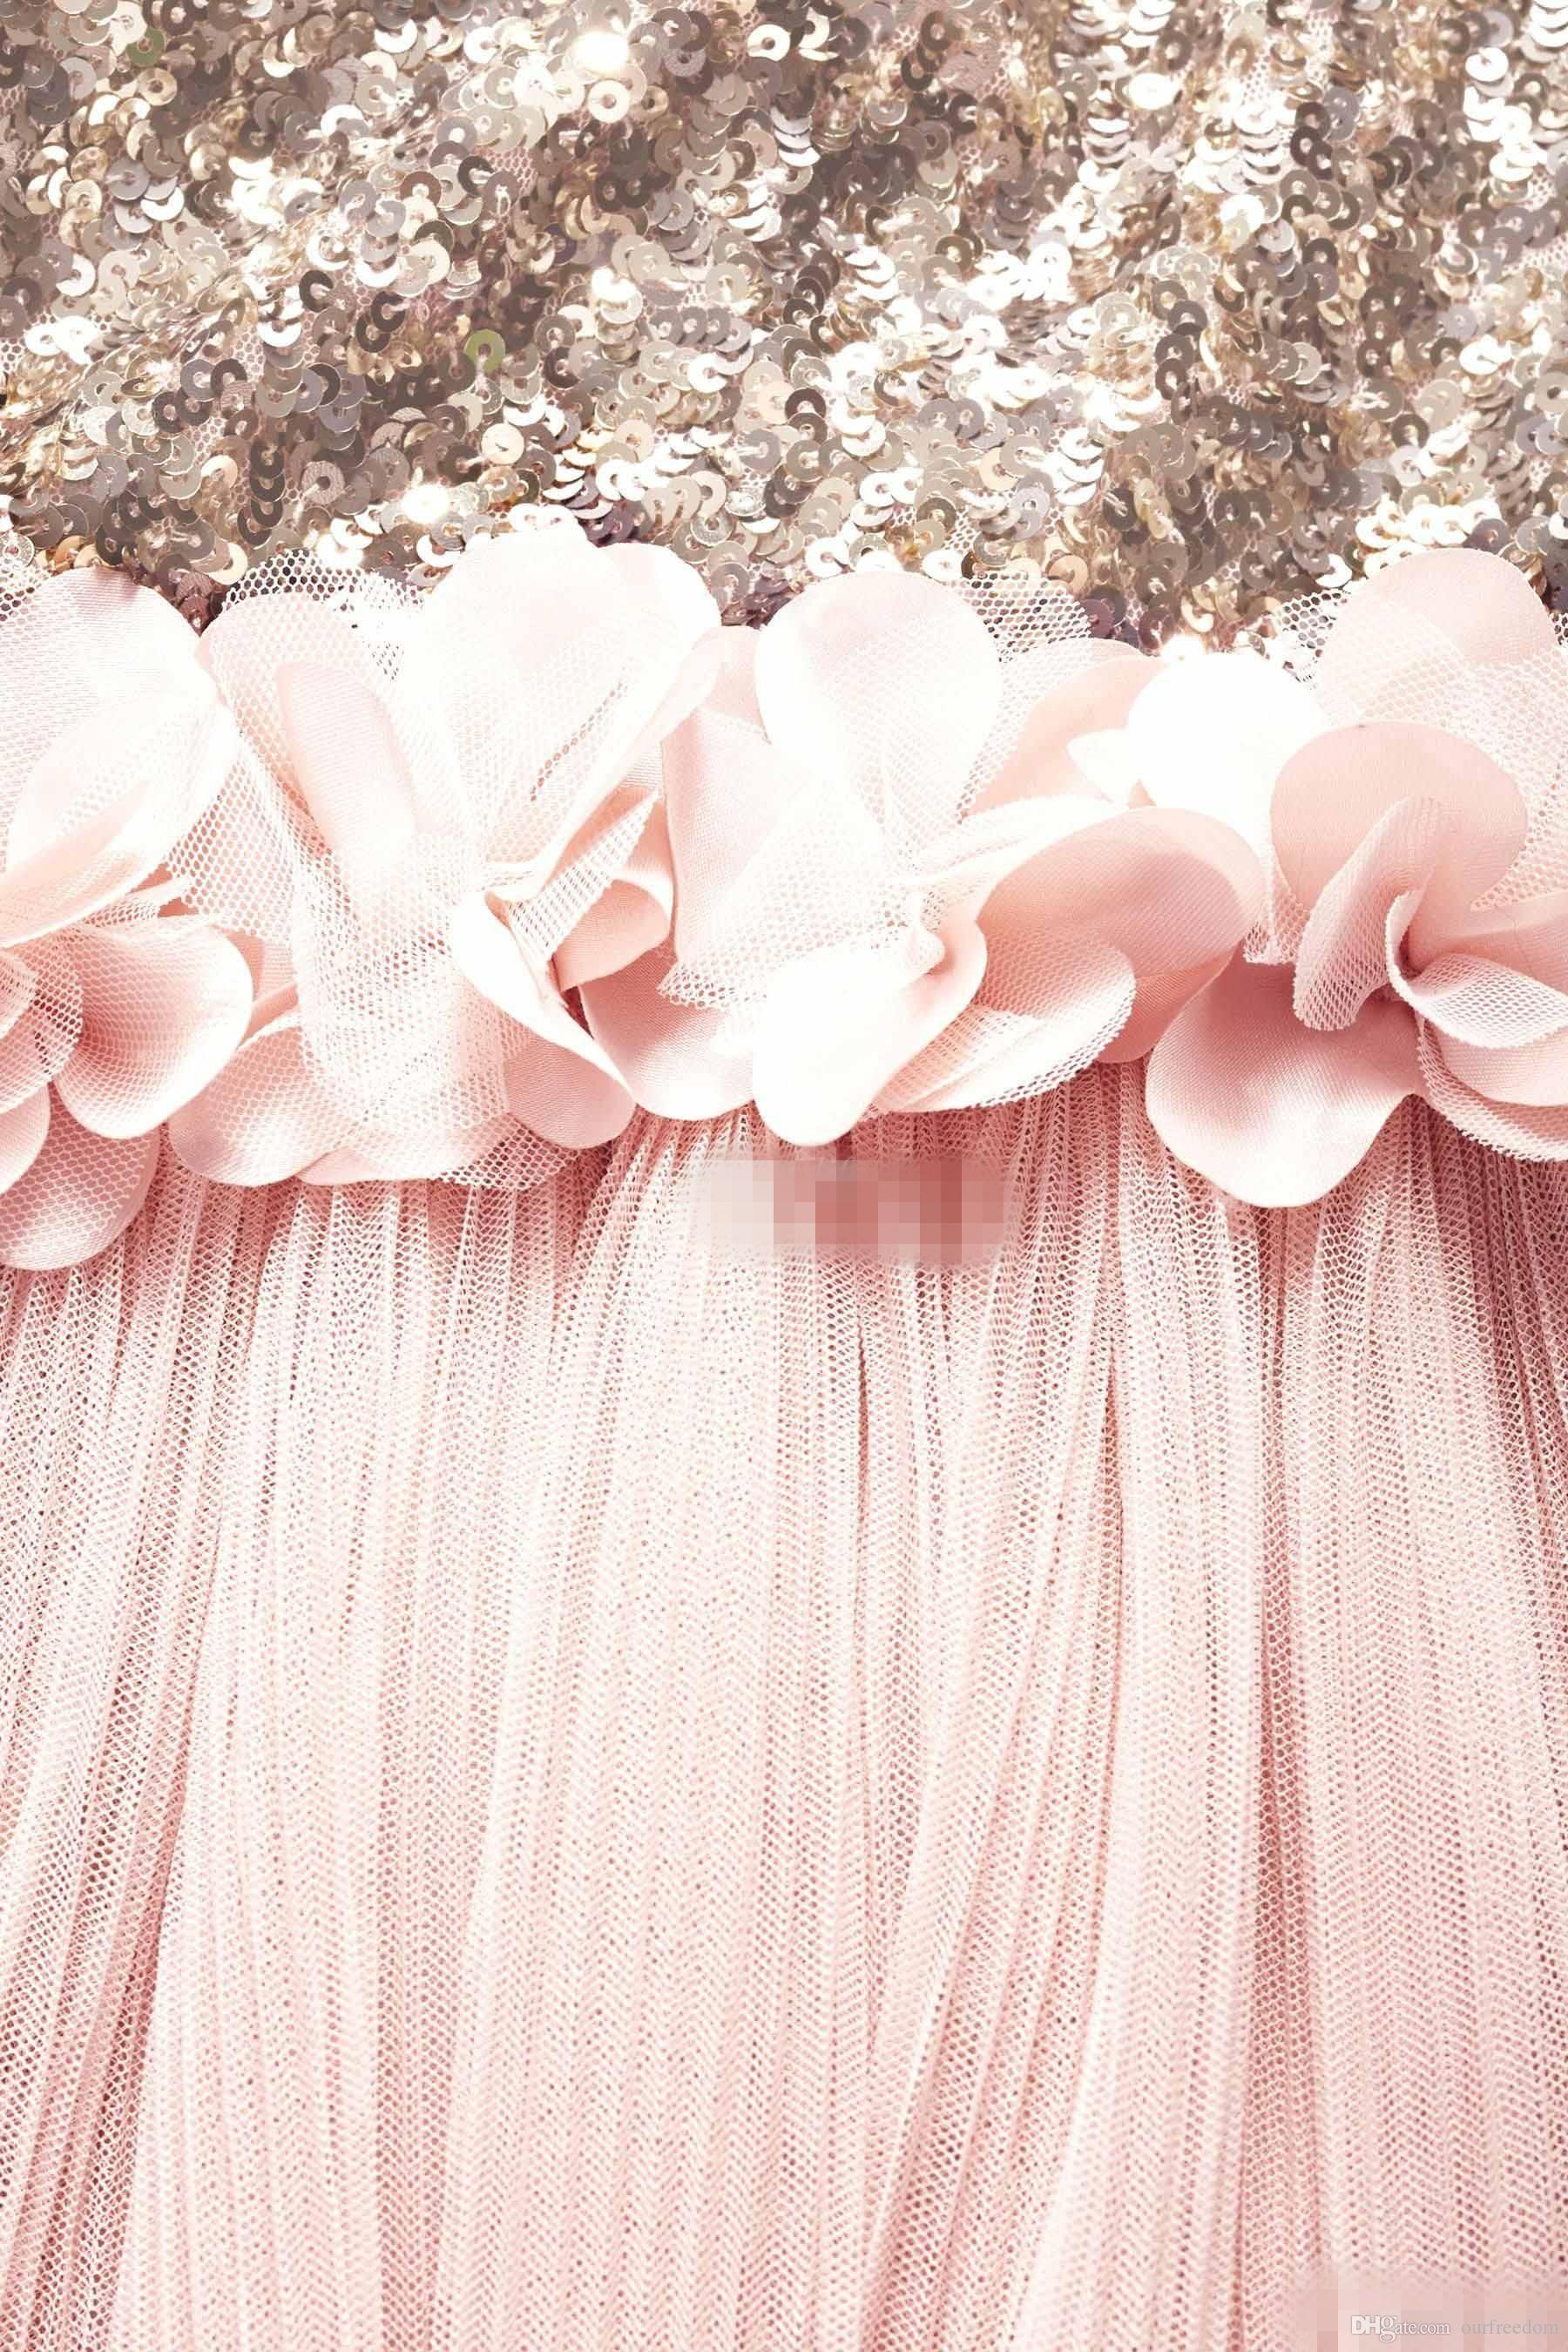 Blush Flower Girls Sukienki Złote Cekiny Ręcznie Made Flower Sash Długość Herbata Tulle Jewel Linia Kids Formalna Sukienka Młodzieżowa Druhna Dress